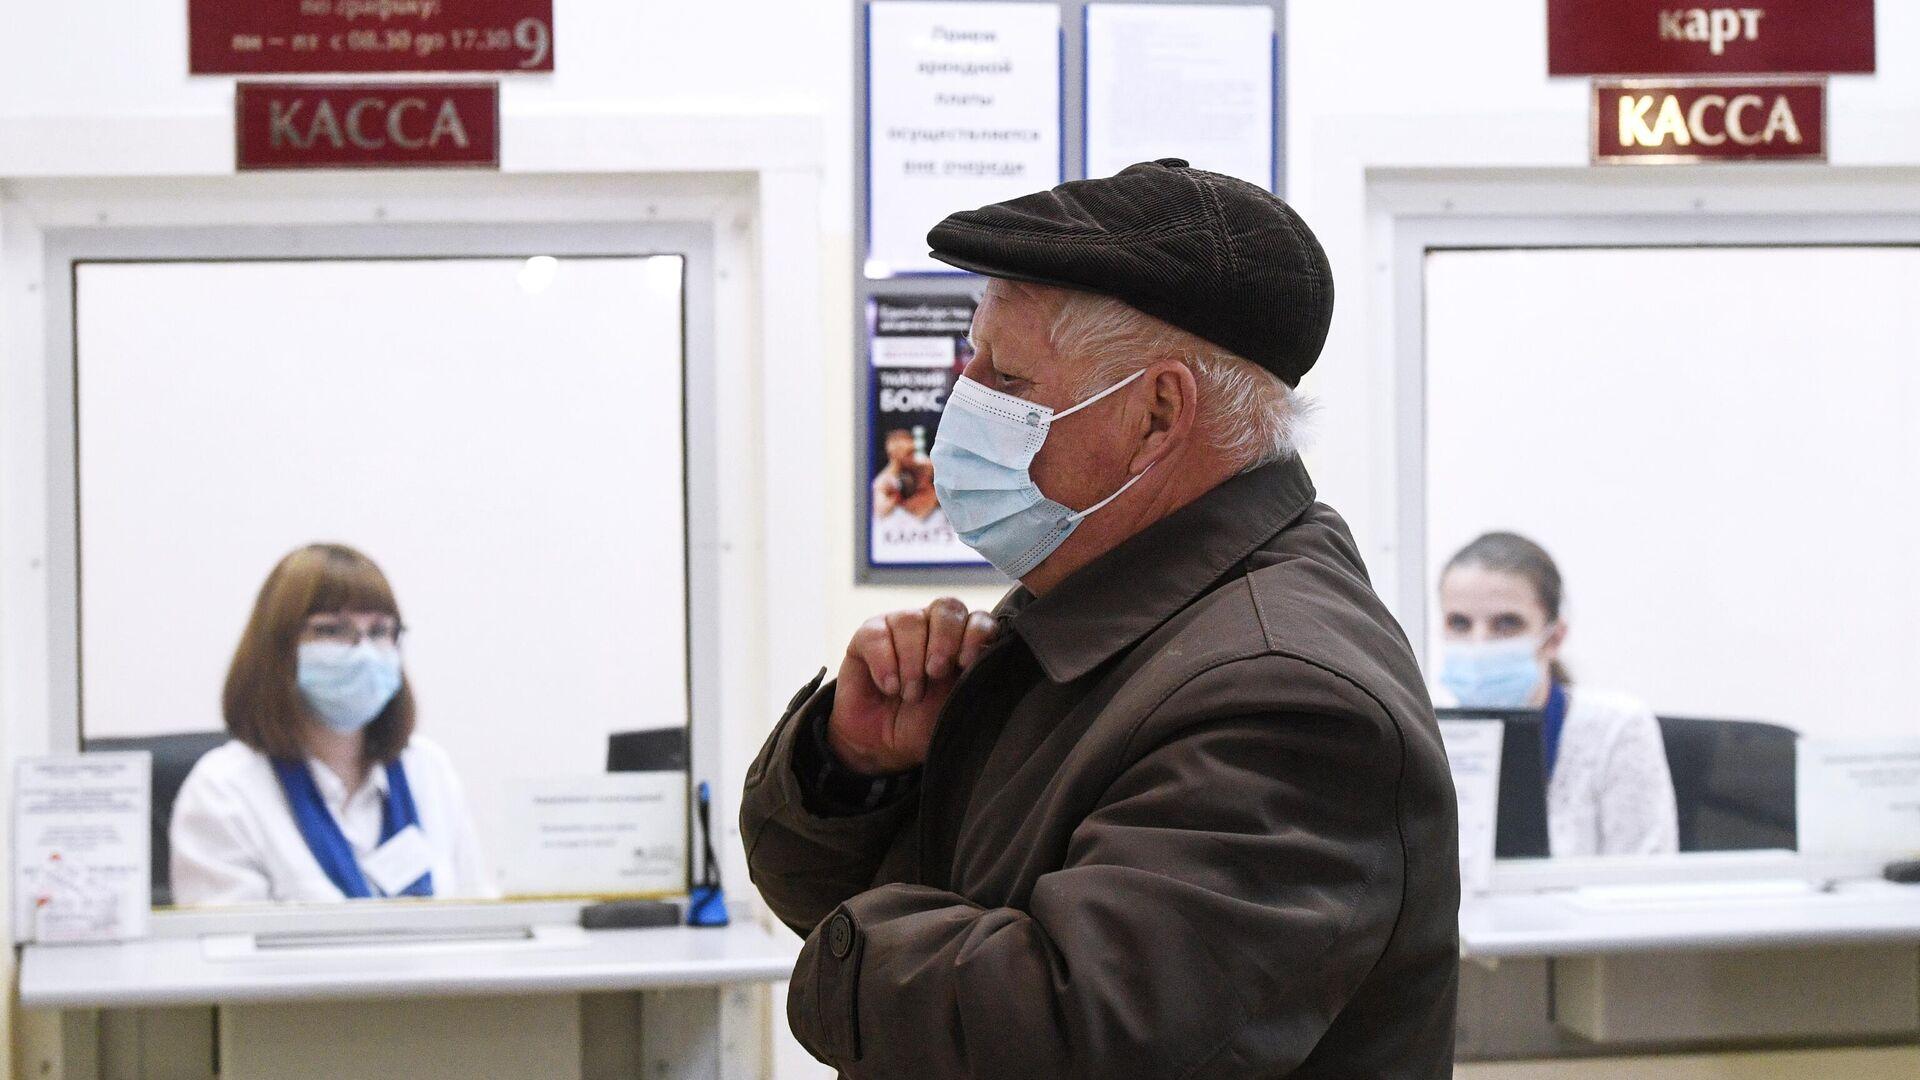 Пожилой мужчина в офисе управляющей компании в Новосибирске оплачивает услуги ЖКХ - РИА Новости, 1920, 29.11.2020